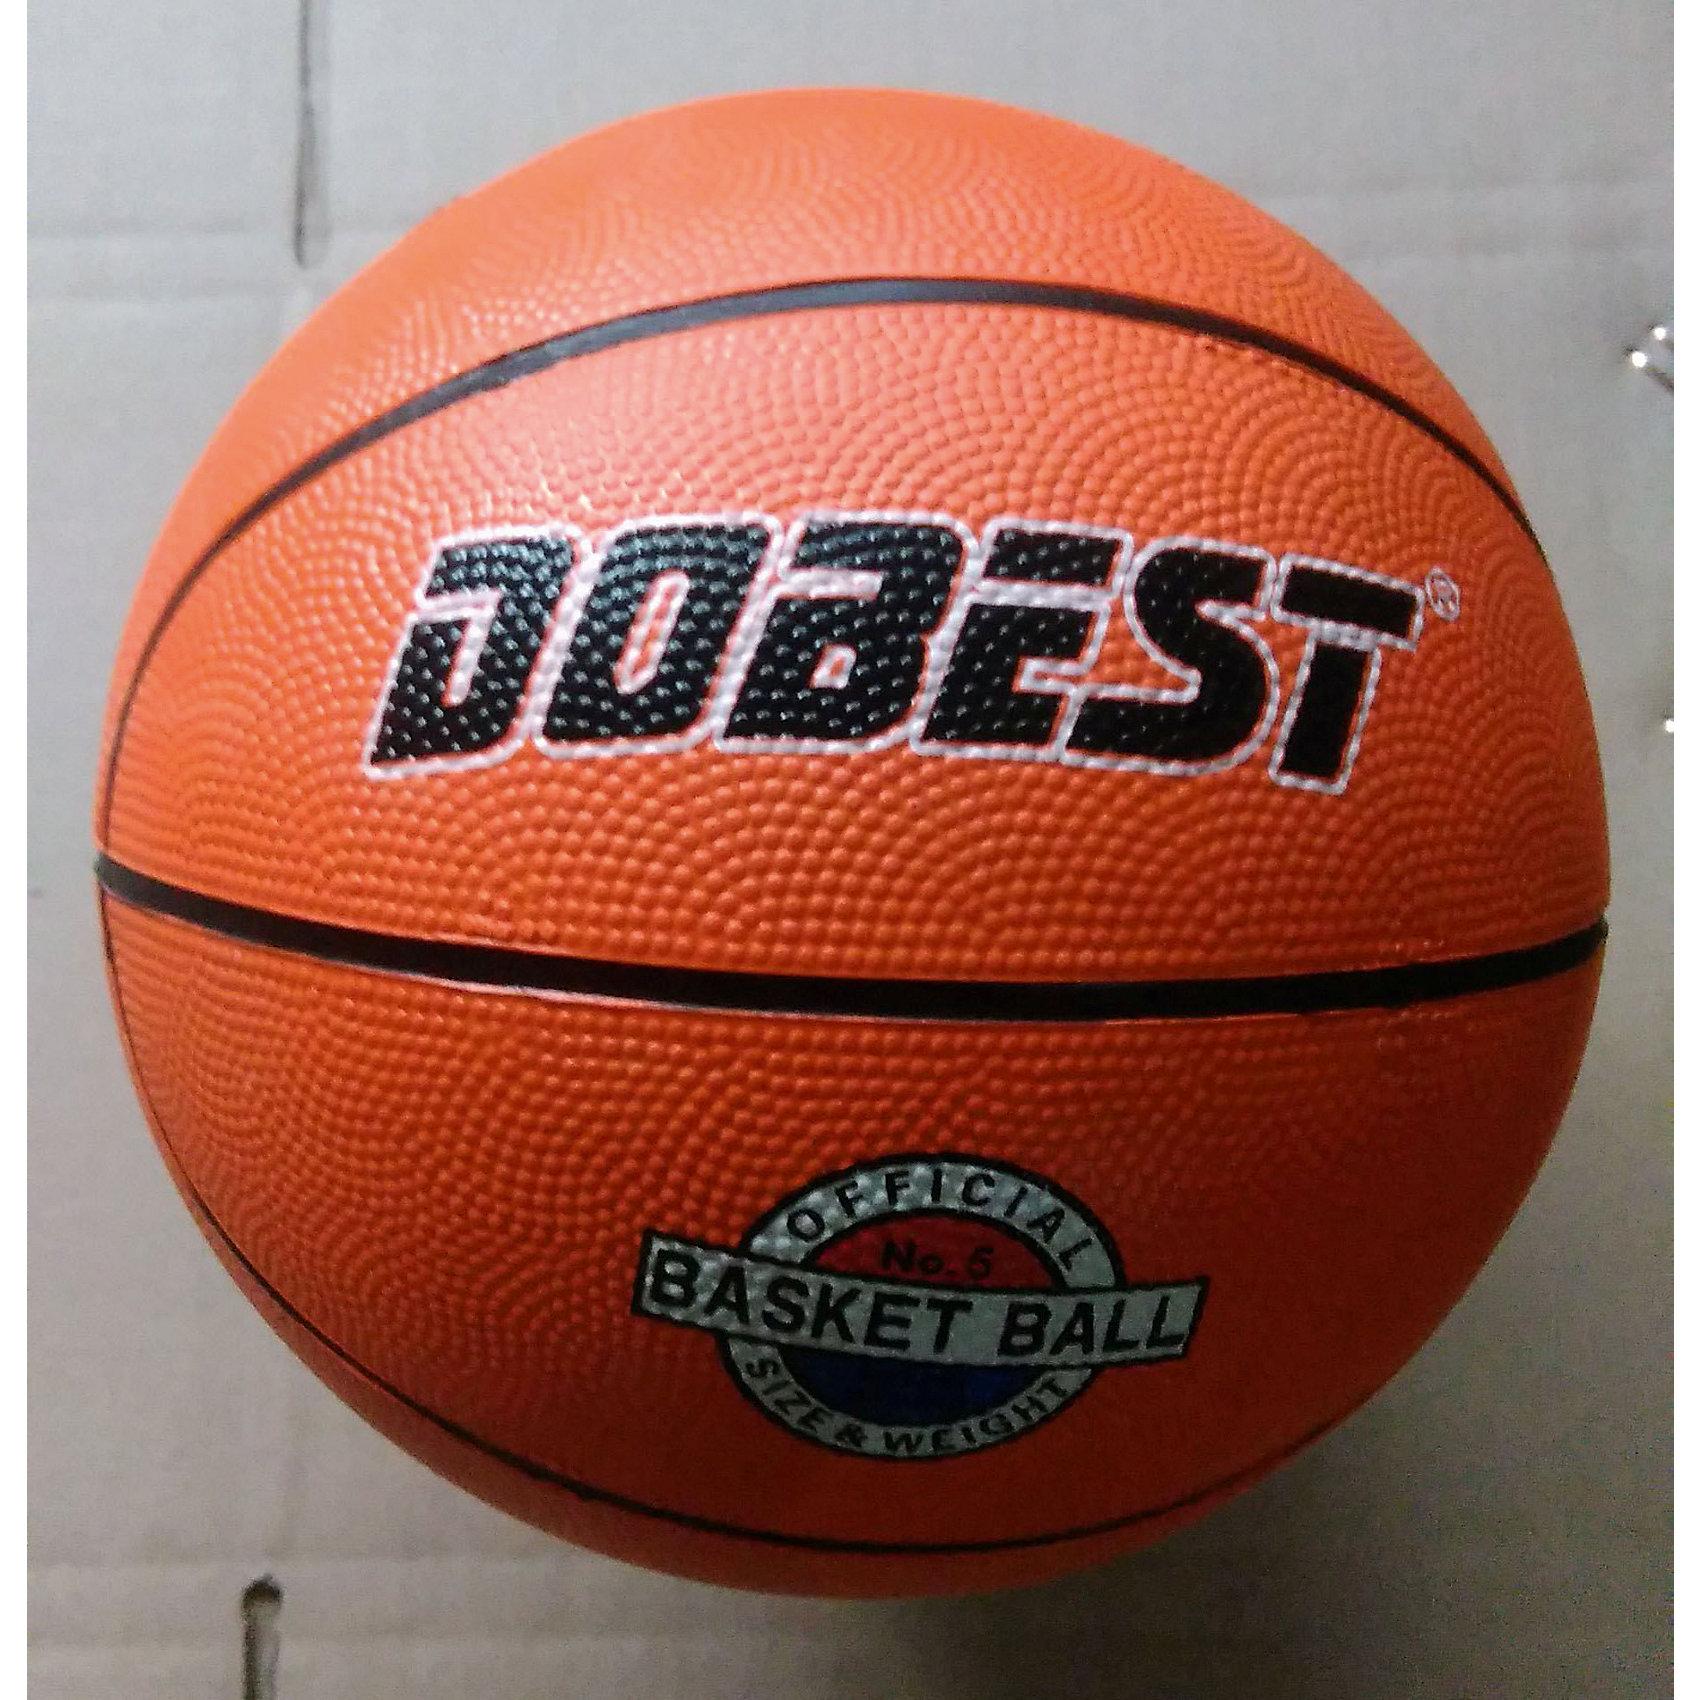 Баскетбольный мяч RB5, р.5, резина, оранж., DobestОсновные характеристики<br><br>Вид: баскетбольный<br>Уровень игры: любительский<br>Размер: 5<br>Количество панелей: 8<br>Количество слоев: 3<br>Вес: 500 гр.<br>Цвет: оранжевый<br>Материал: резина<br>Мяч подходит для игры на улице и в зале<br>Страна-производитель: Китай <br>Упаковка: пакет (поставляется в сдутом виде)<br><br>Баскетбольные мячи 5 размера предназначены для мини-баскетбола и юниорских команд, за которые играют дети и подростки в возрасте до 12 лет.<br>Ни для кого не секрет, что активные физические нагрузки очень полезны и нужны человеческому организму. А баскетбол, - это, пожалуй, одна из тех игр, в которых активно работают практически все мышцы тела, тренируются лёгкие, выносливость.<br><br>Ширина мм: 150<br>Глубина мм: 200<br>Высота мм: 200<br>Вес г: 200<br>Возраст от месяцев: 36<br>Возраст до месяцев: 192<br>Пол: Унисекс<br>Возраст: Детский<br>SKU: 5056628